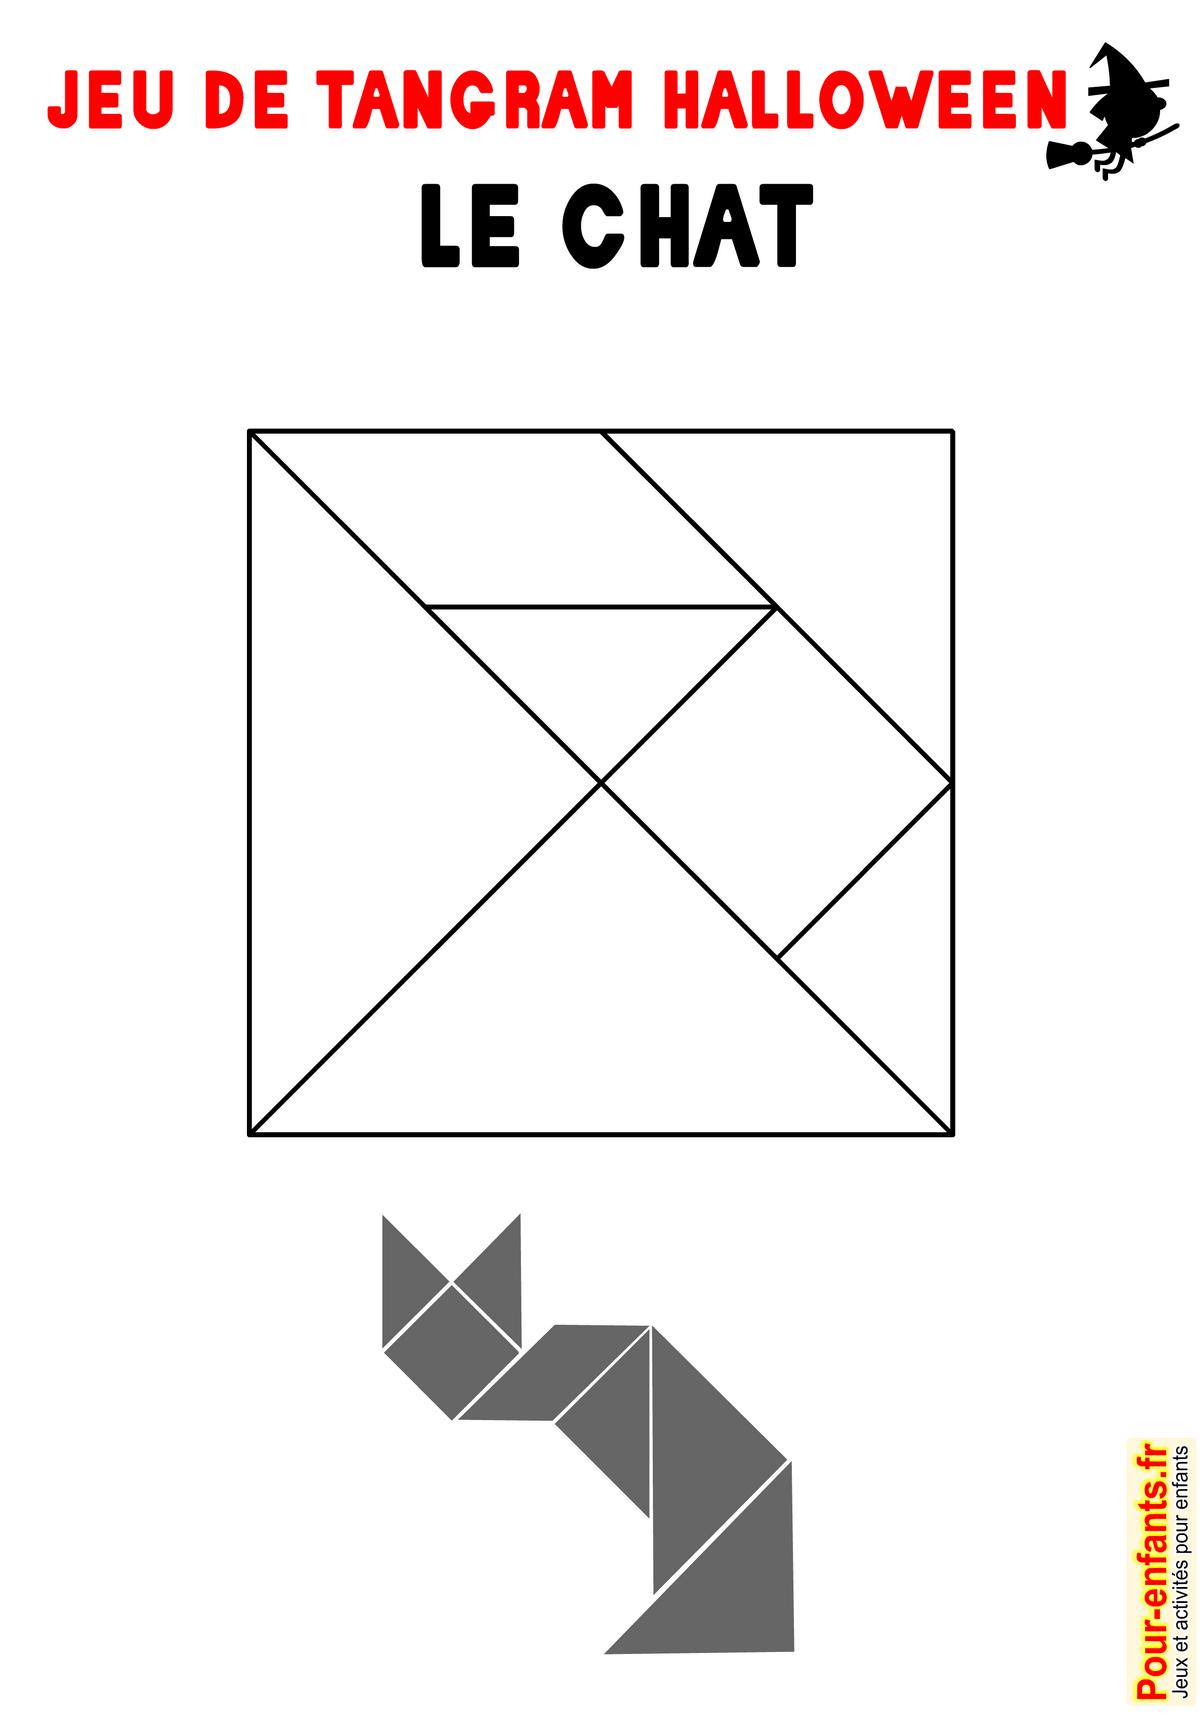 Jeu De Tangram À Imprimer Chat Halloween Imprimable Gratuit à Tangram Chat